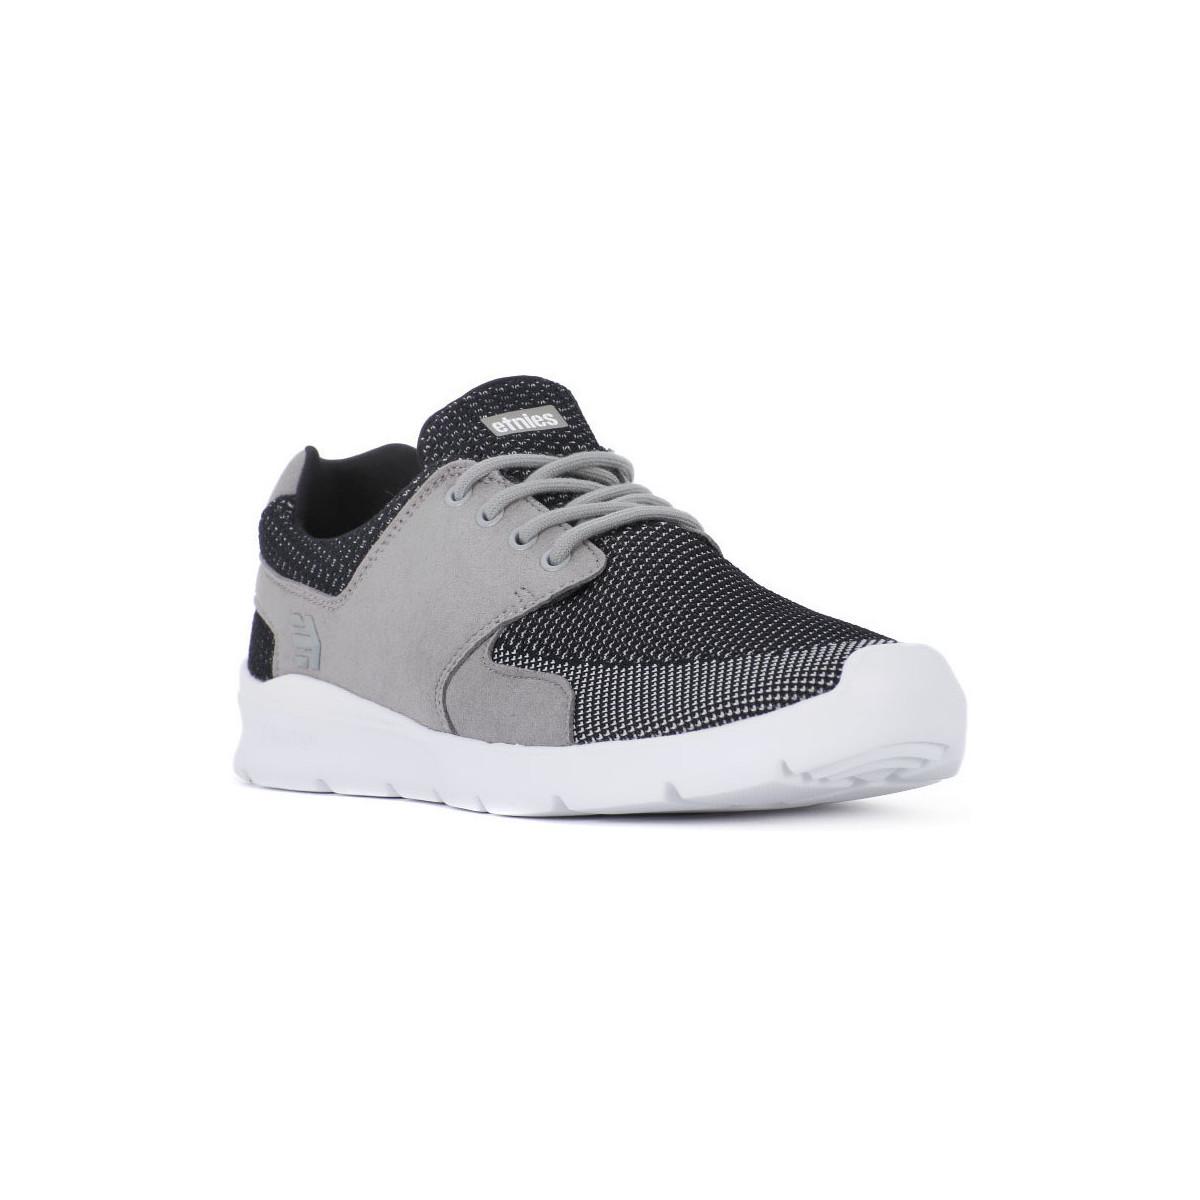 Etnies SCOUT XT Grigio - Schuhe Sneaker Low Herren 73,00 €